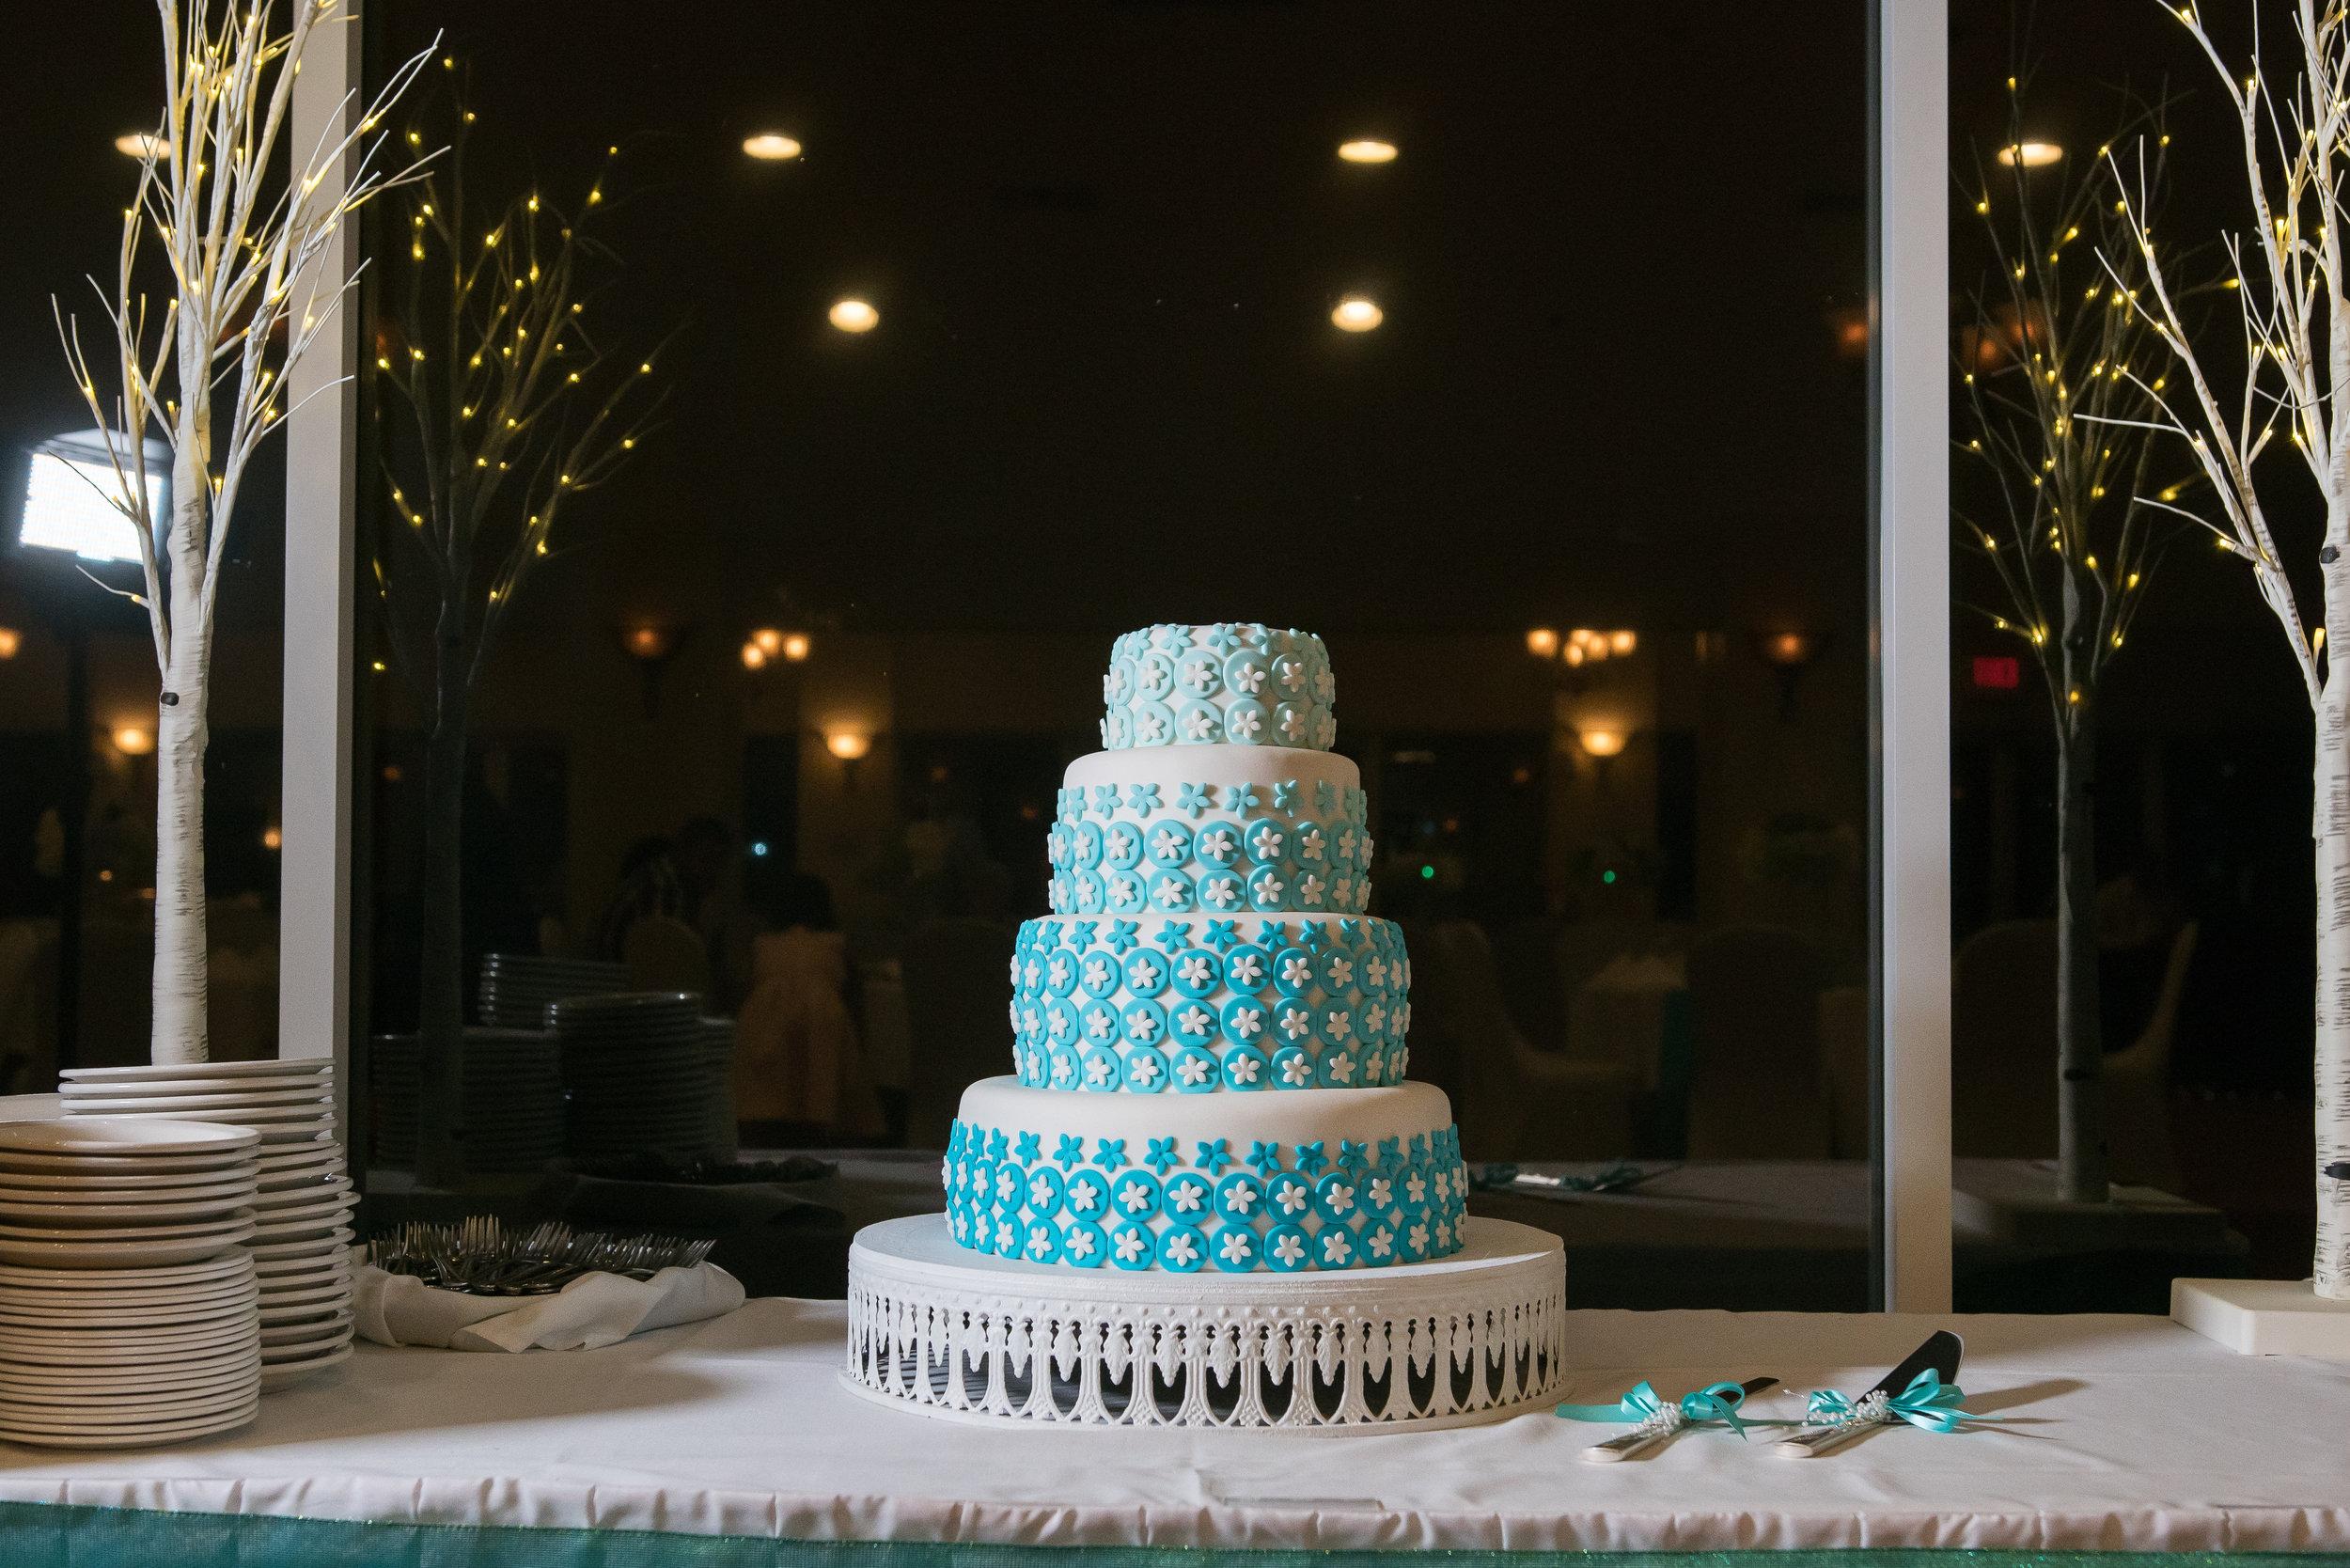 quinceñeara-cake-tampa